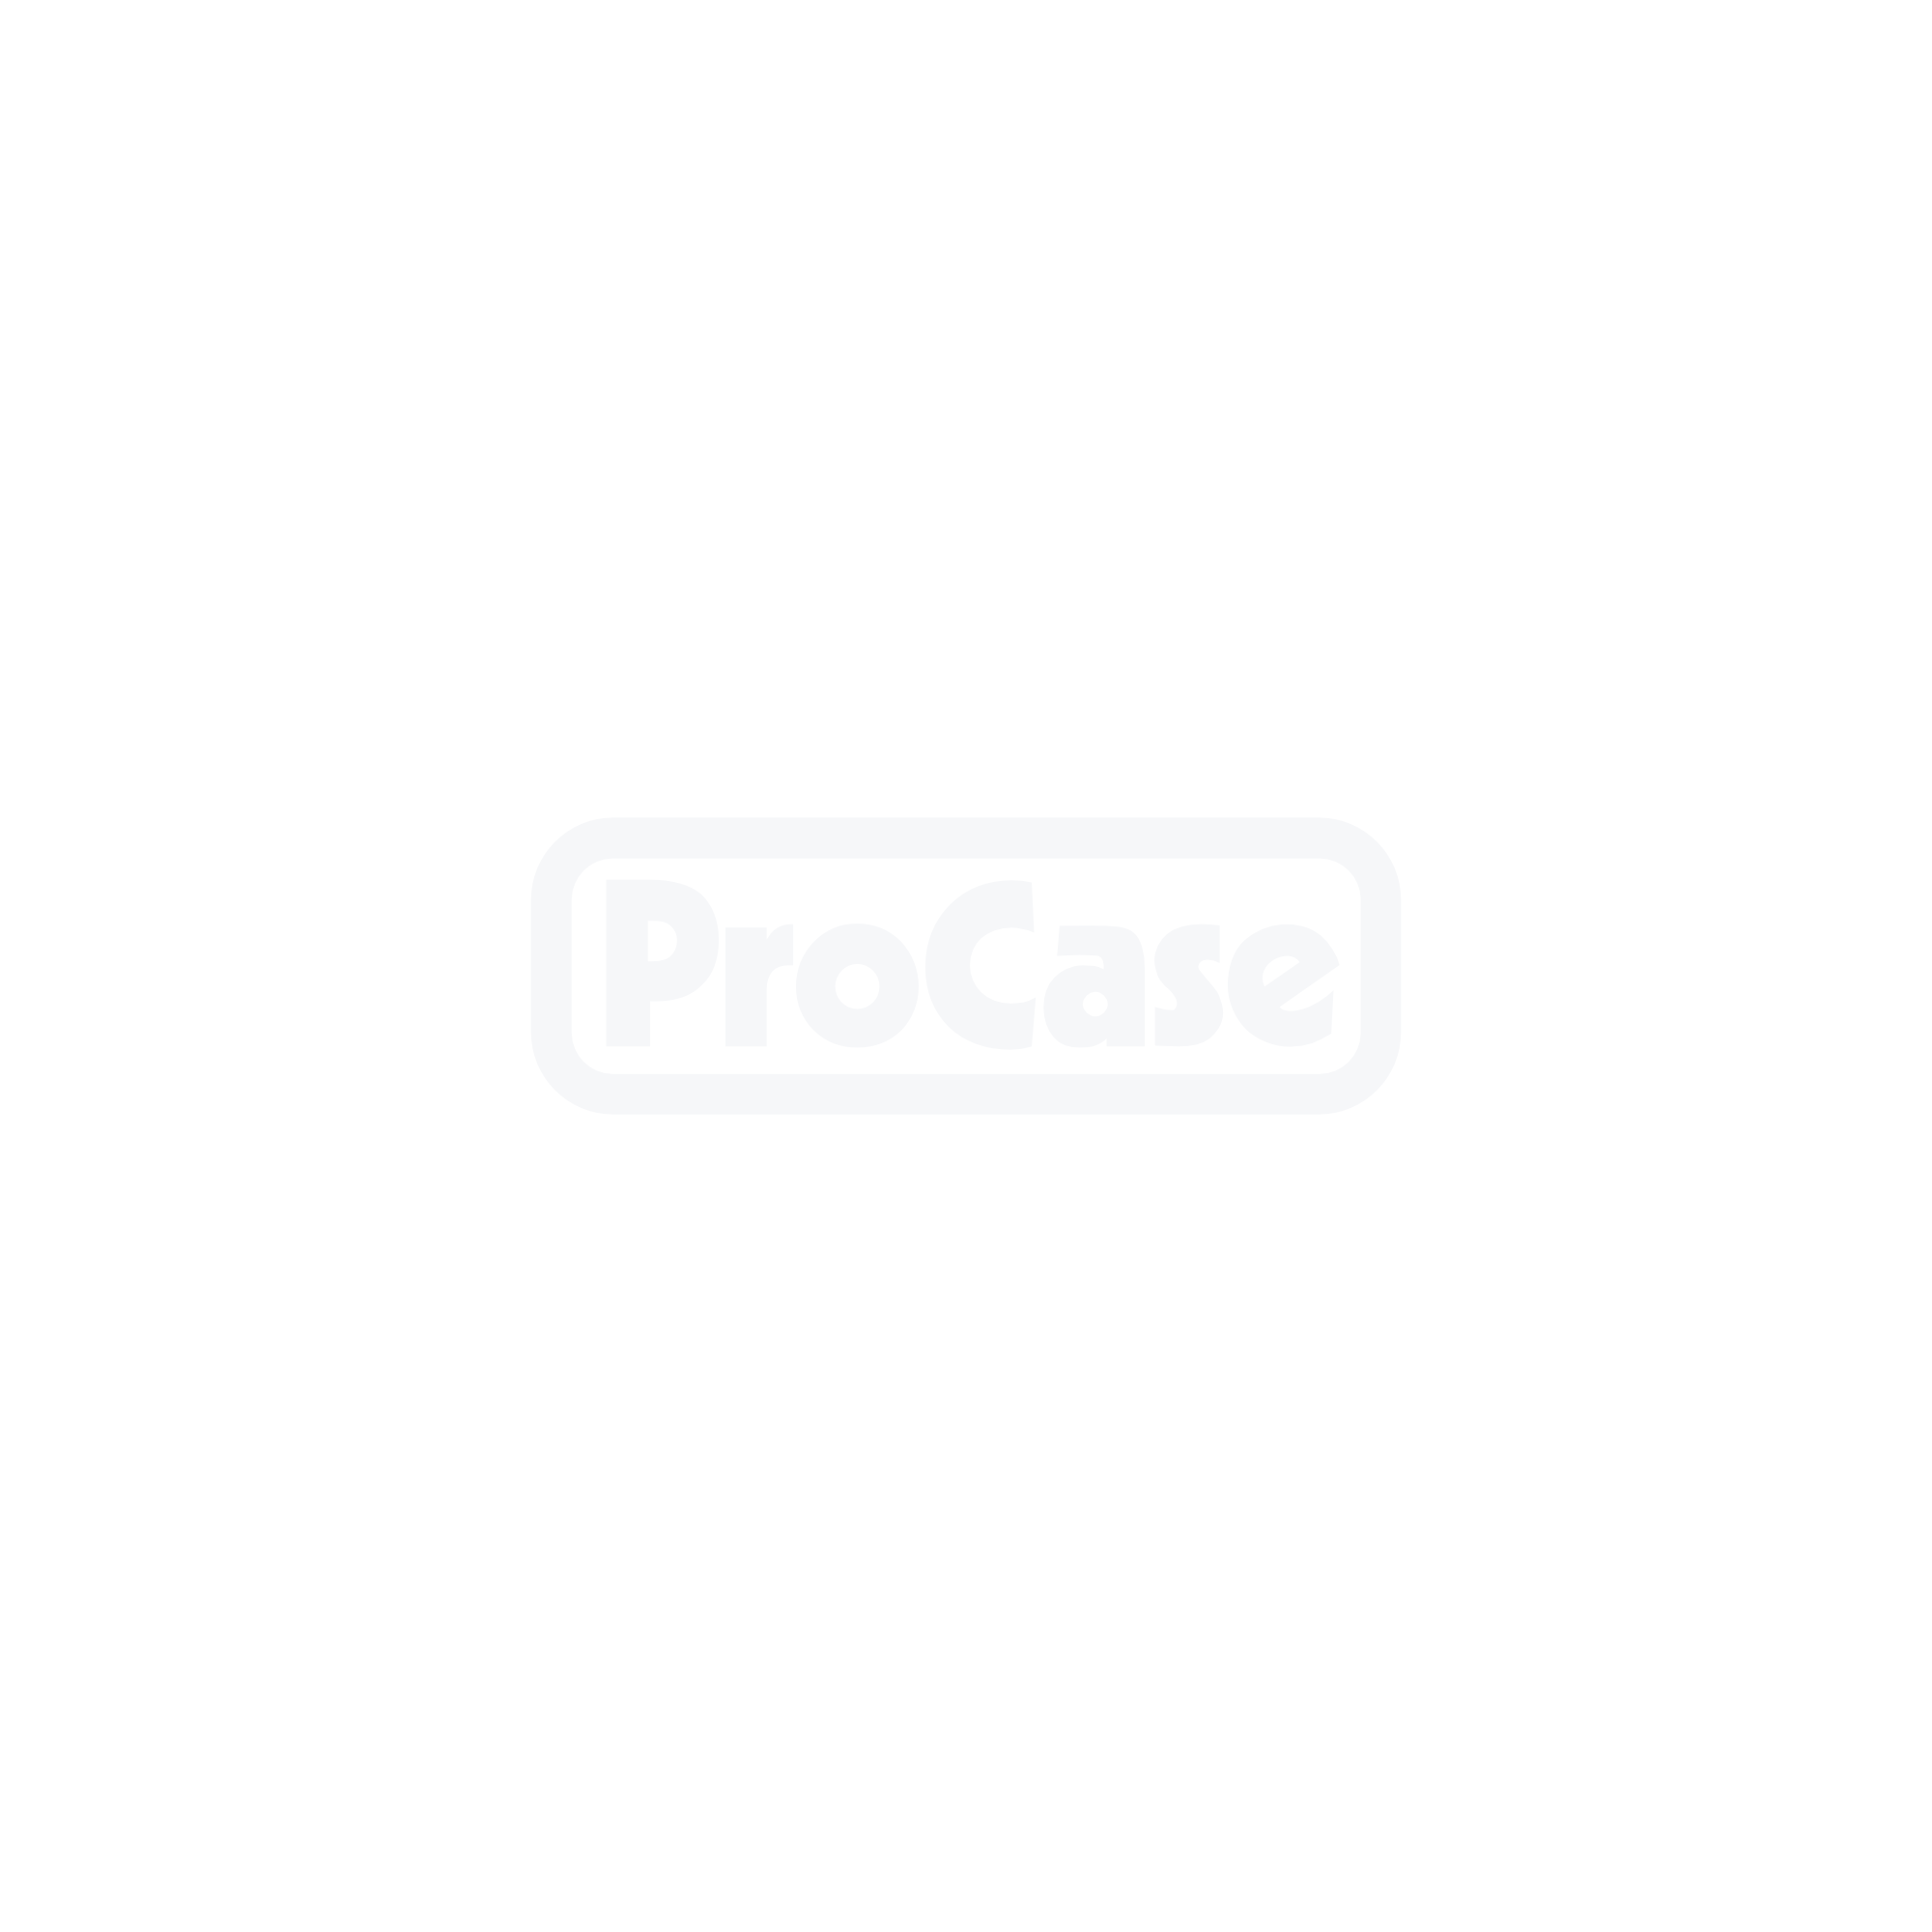 Packcase 5 Tool Trolley mit 6 Einschüben (Türvariante) 2